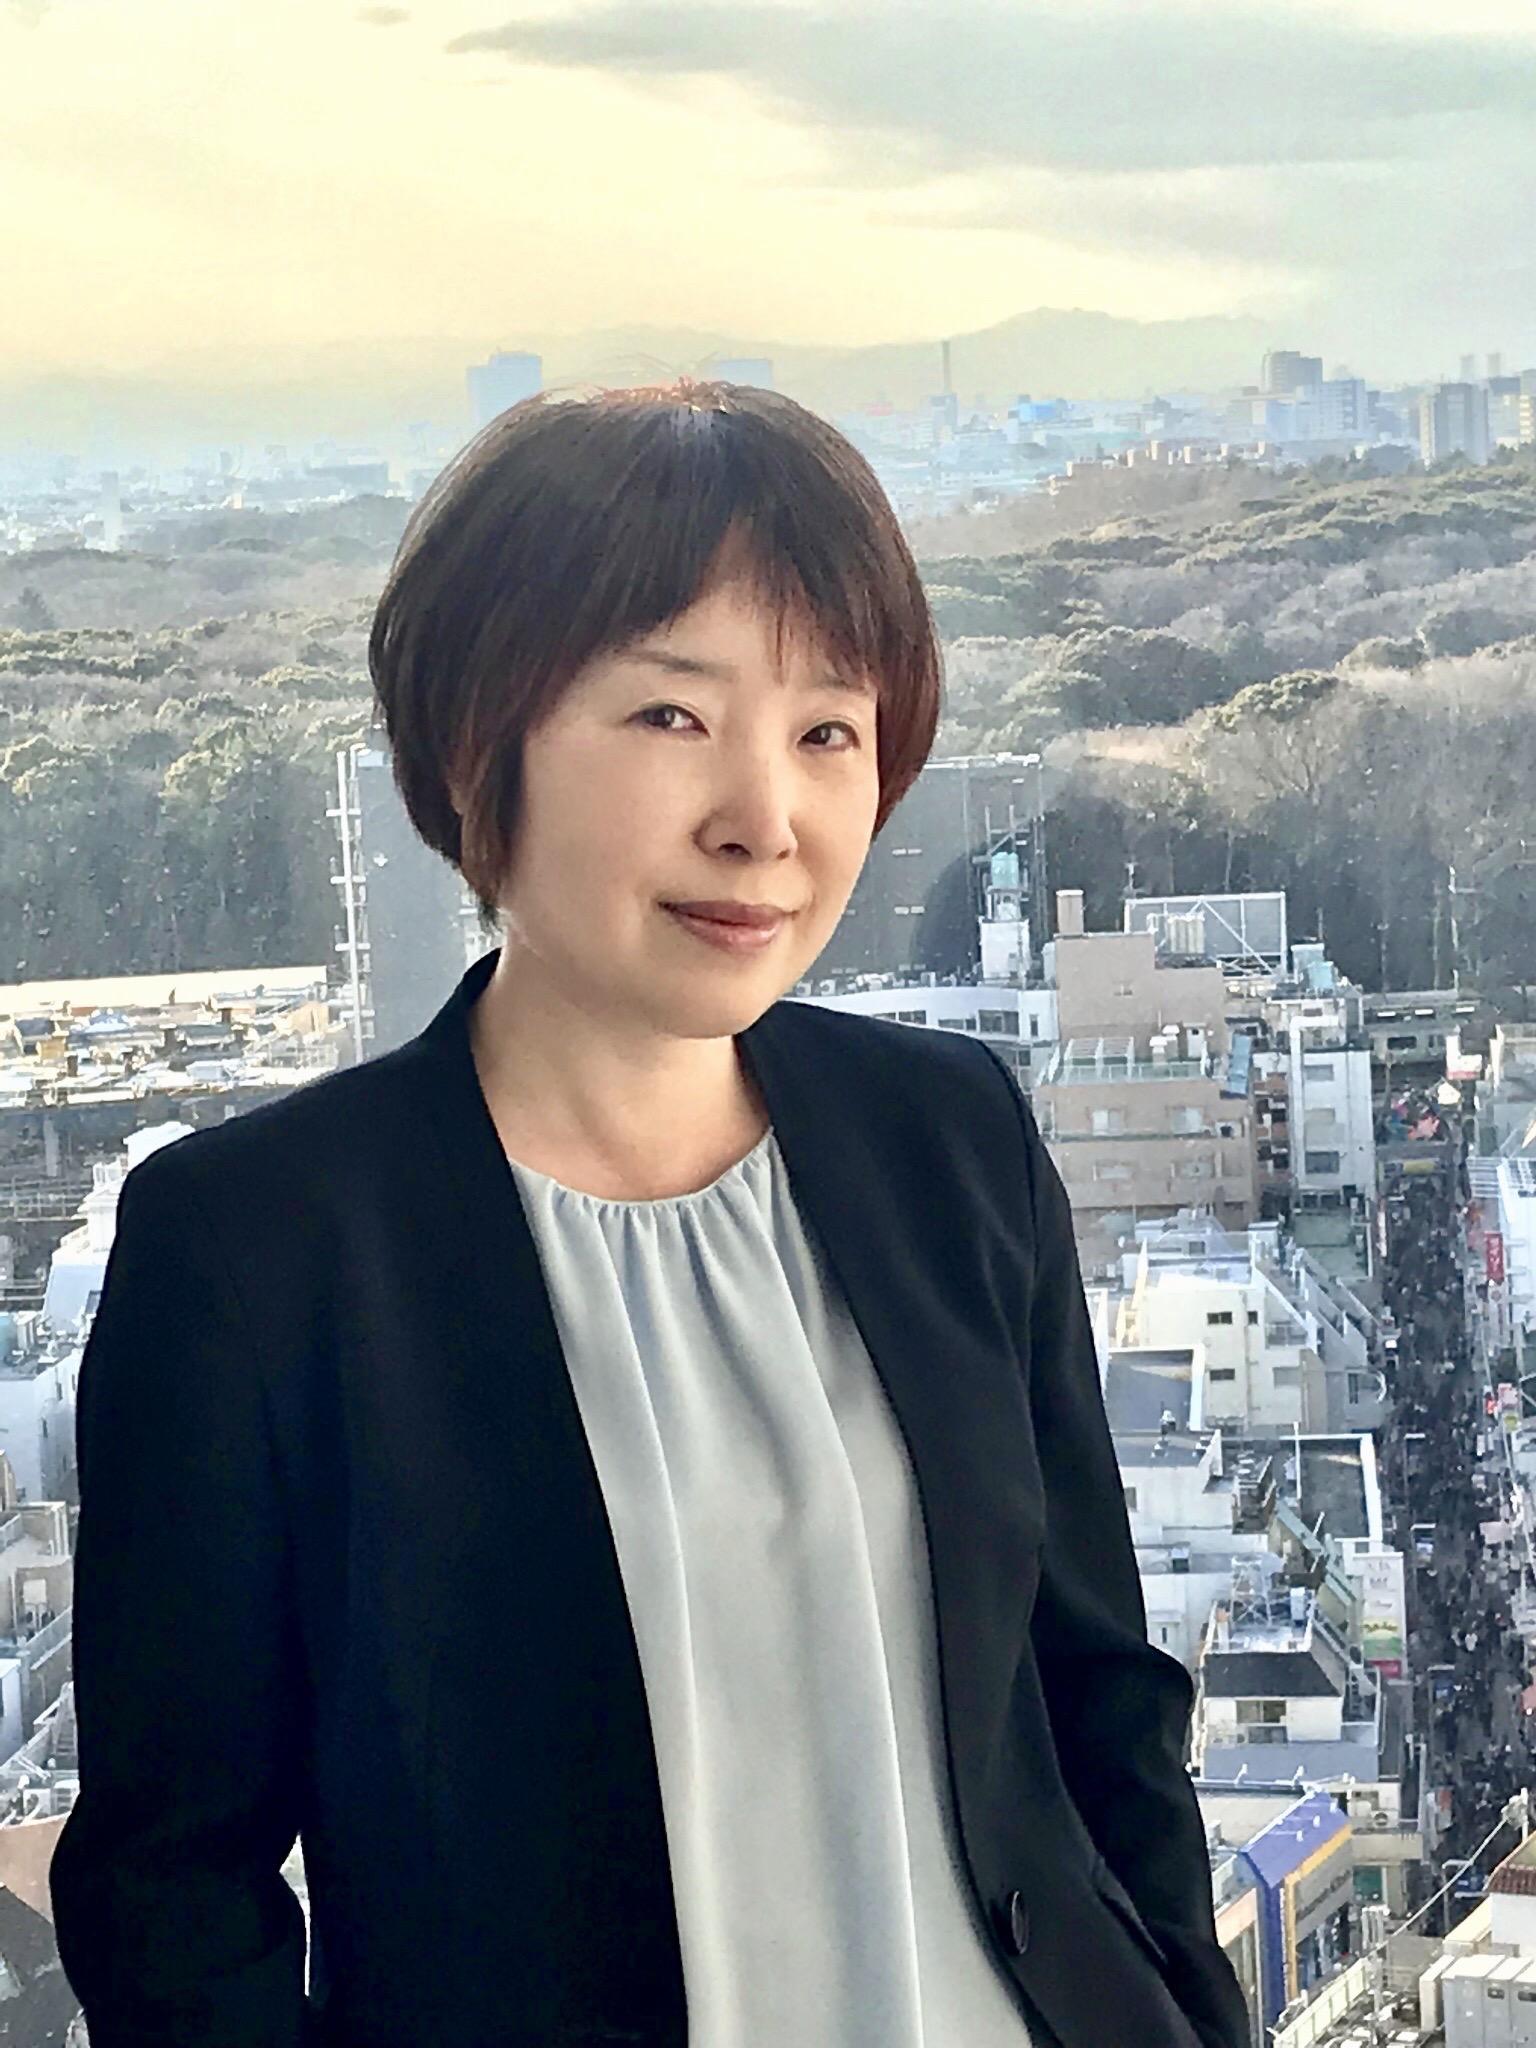 SKANIOGLOS投資顧問代表取締役社長 永田典子